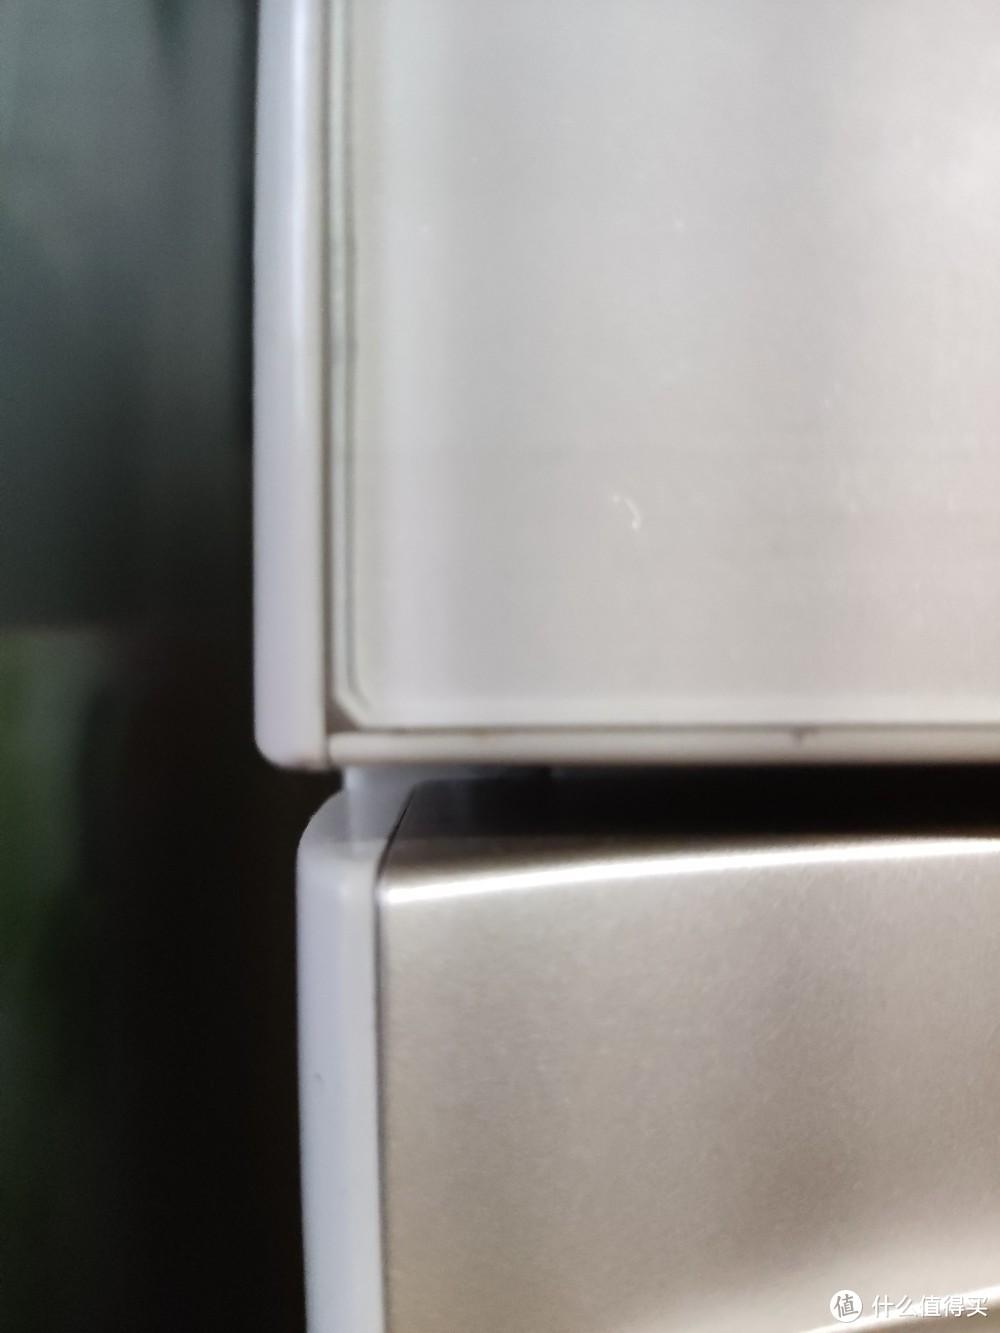 晒出你家的东芝冰箱495